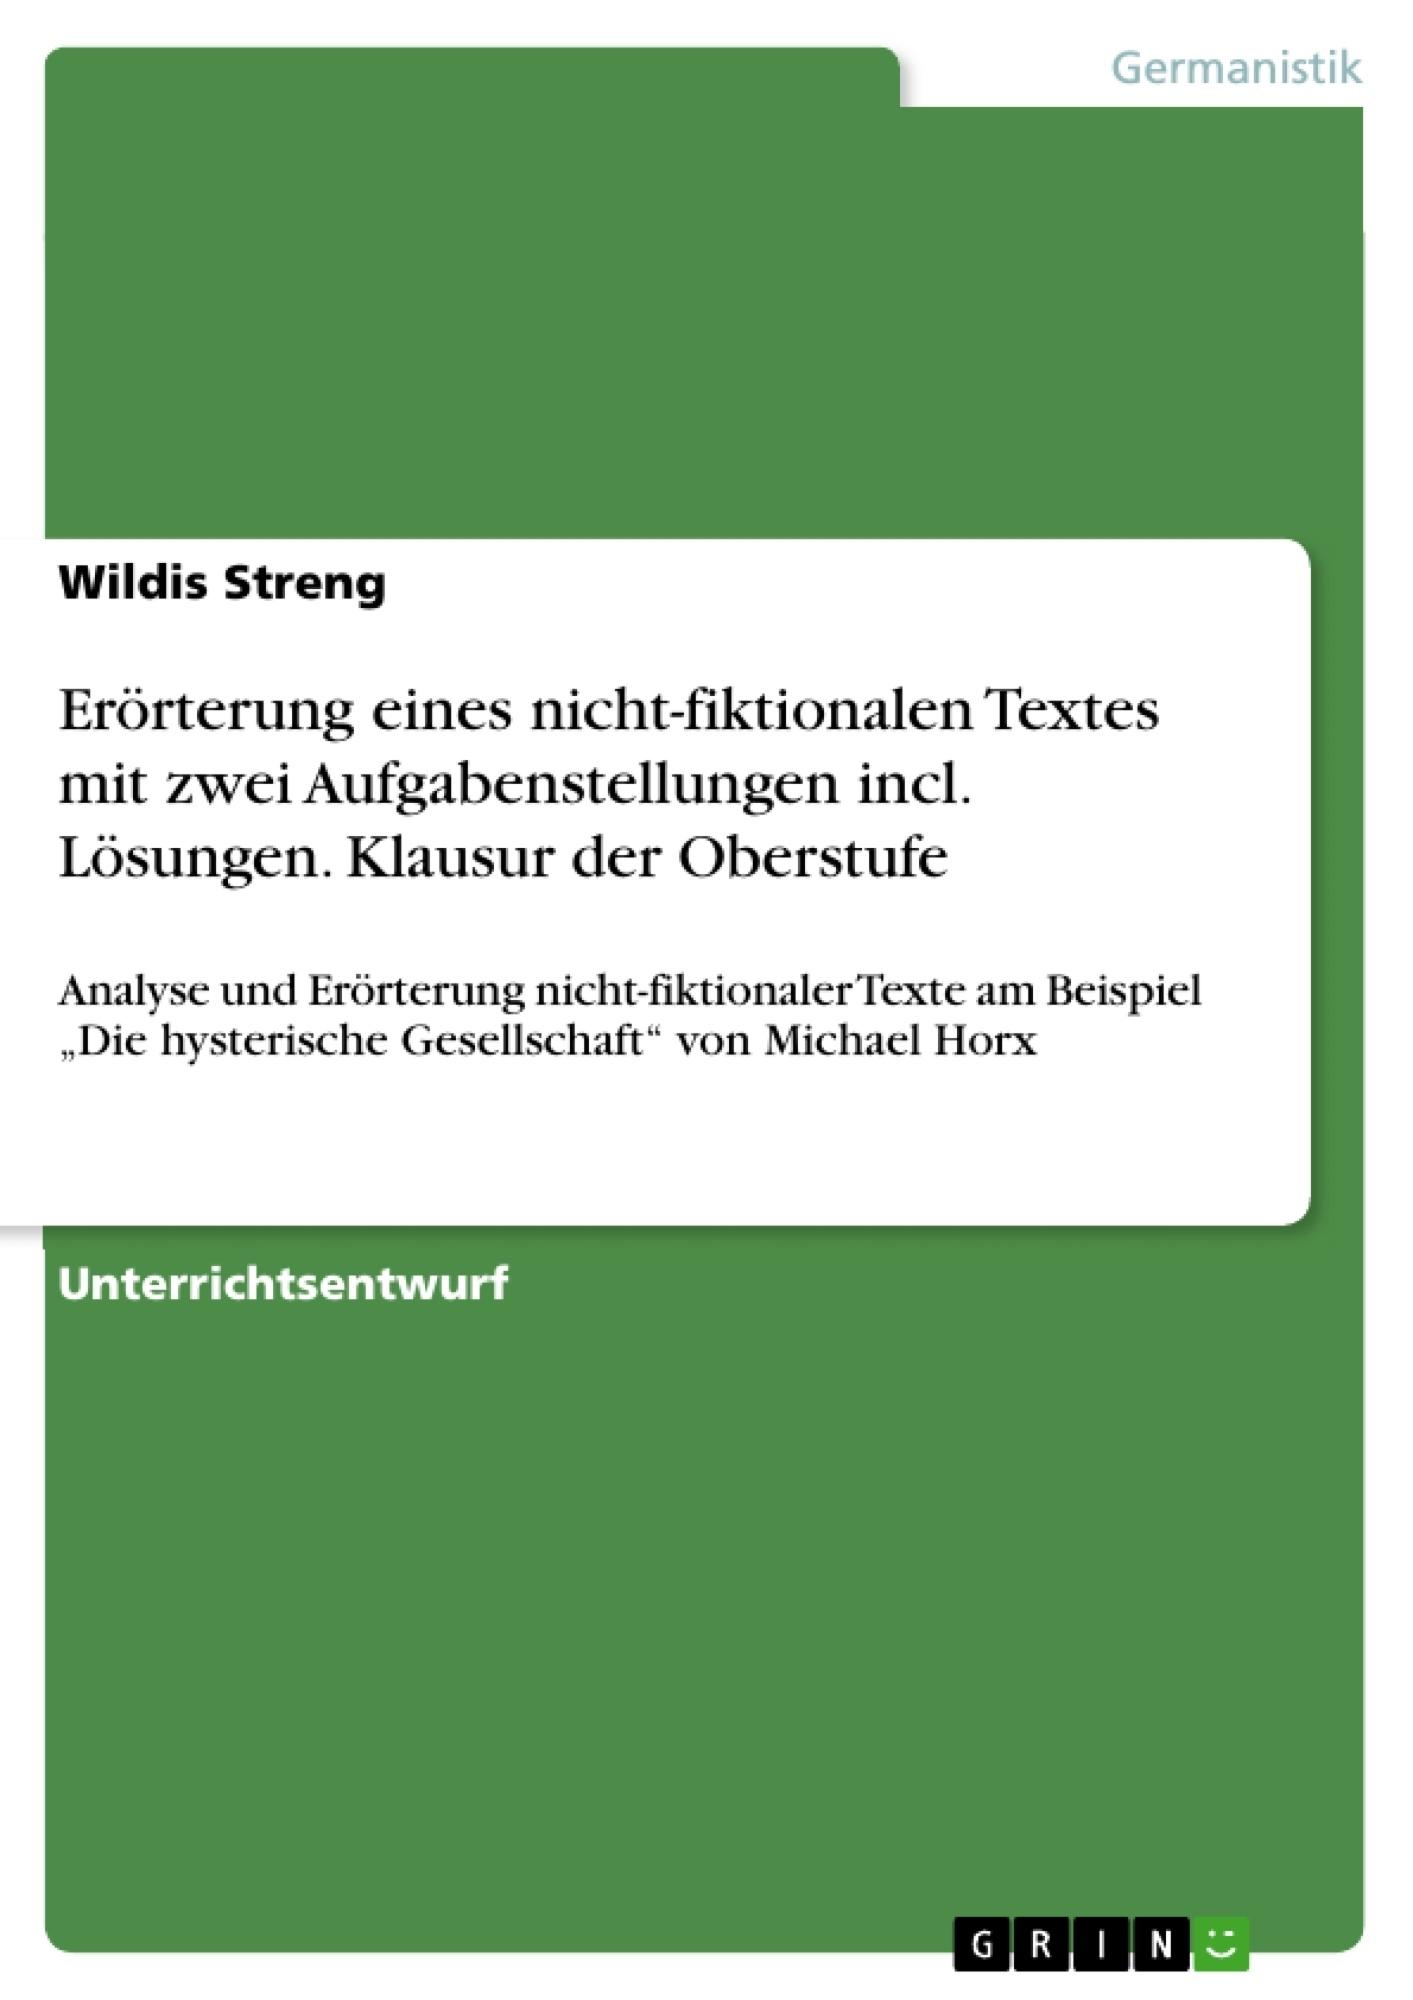 Titel: Erörterung eines nicht-fiktionalen Textes mit zwei Aufgabenstellungen incl. Lösungen. Klausur der Oberstufe